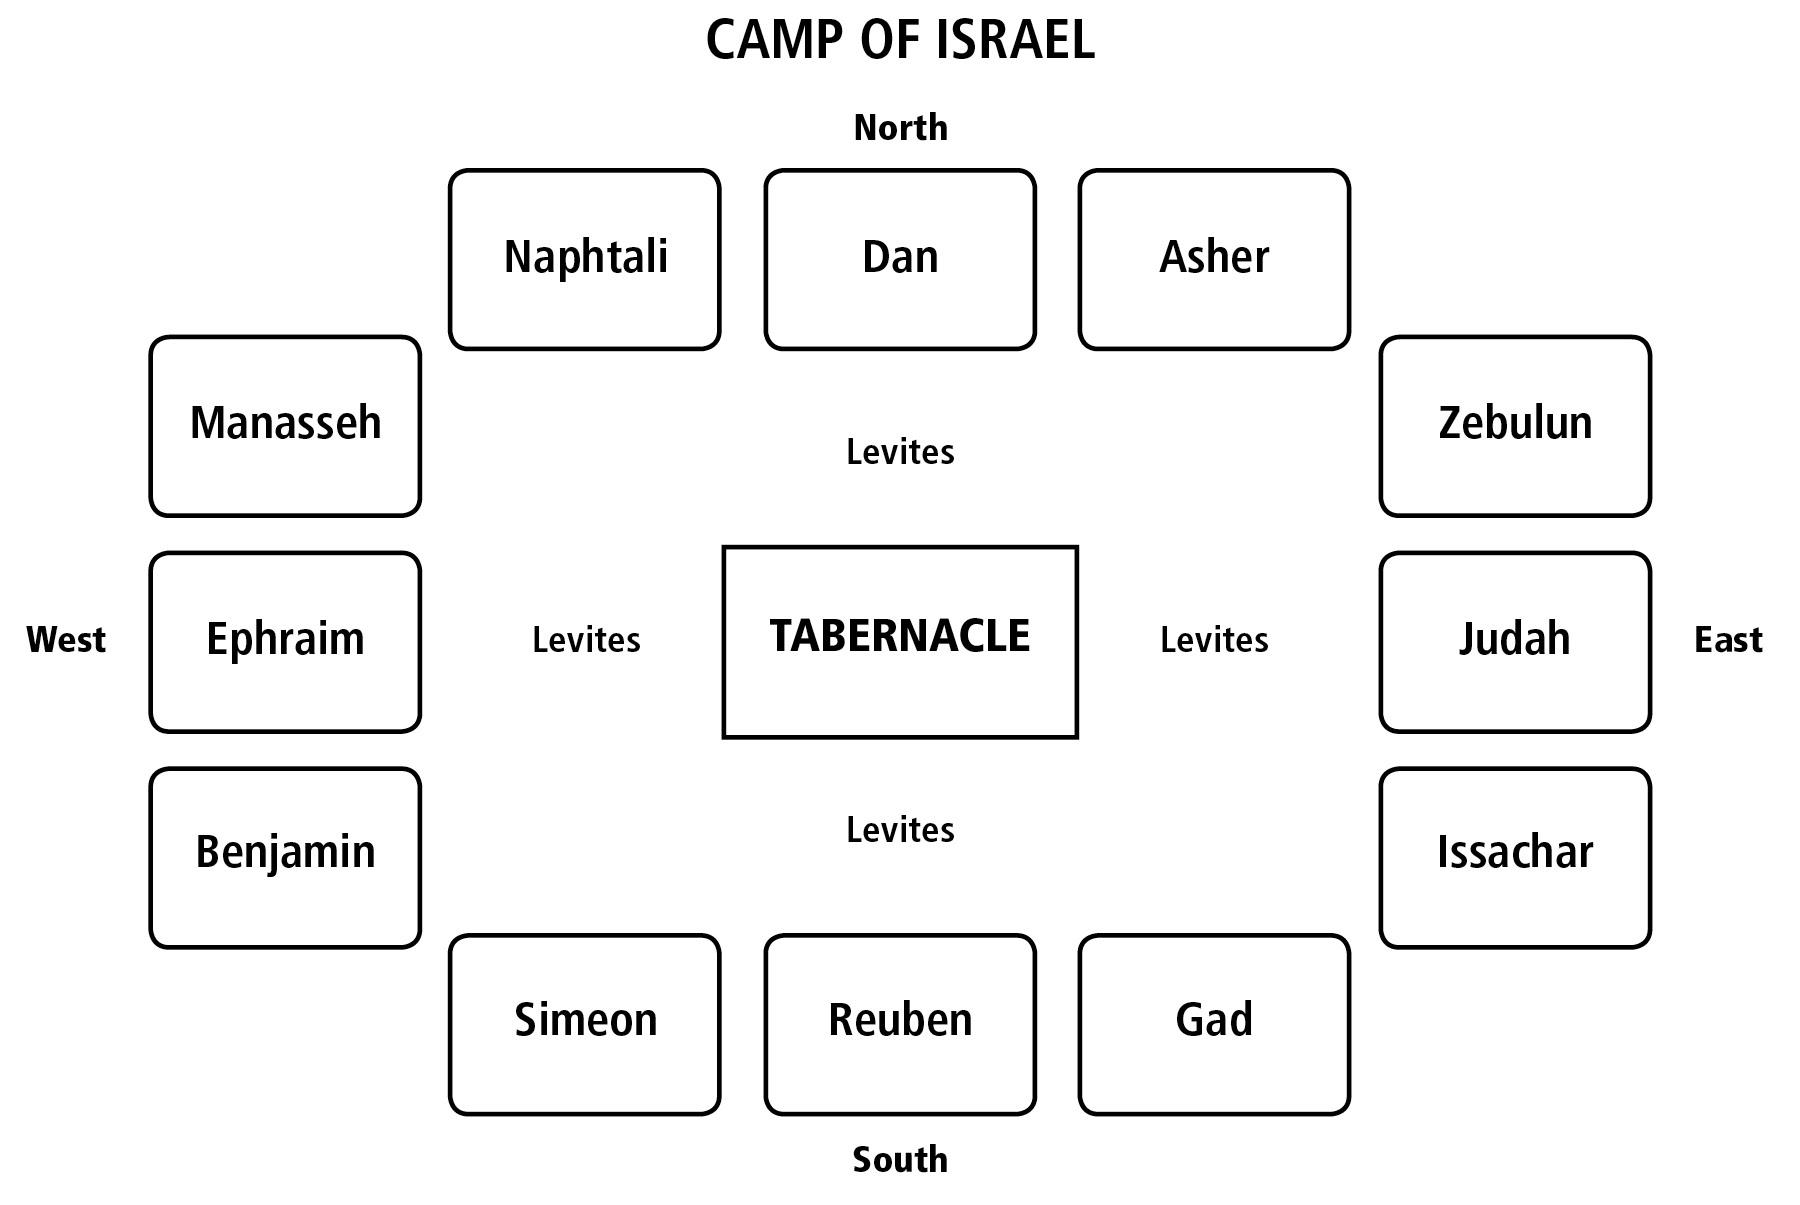 Camp of israel diagram